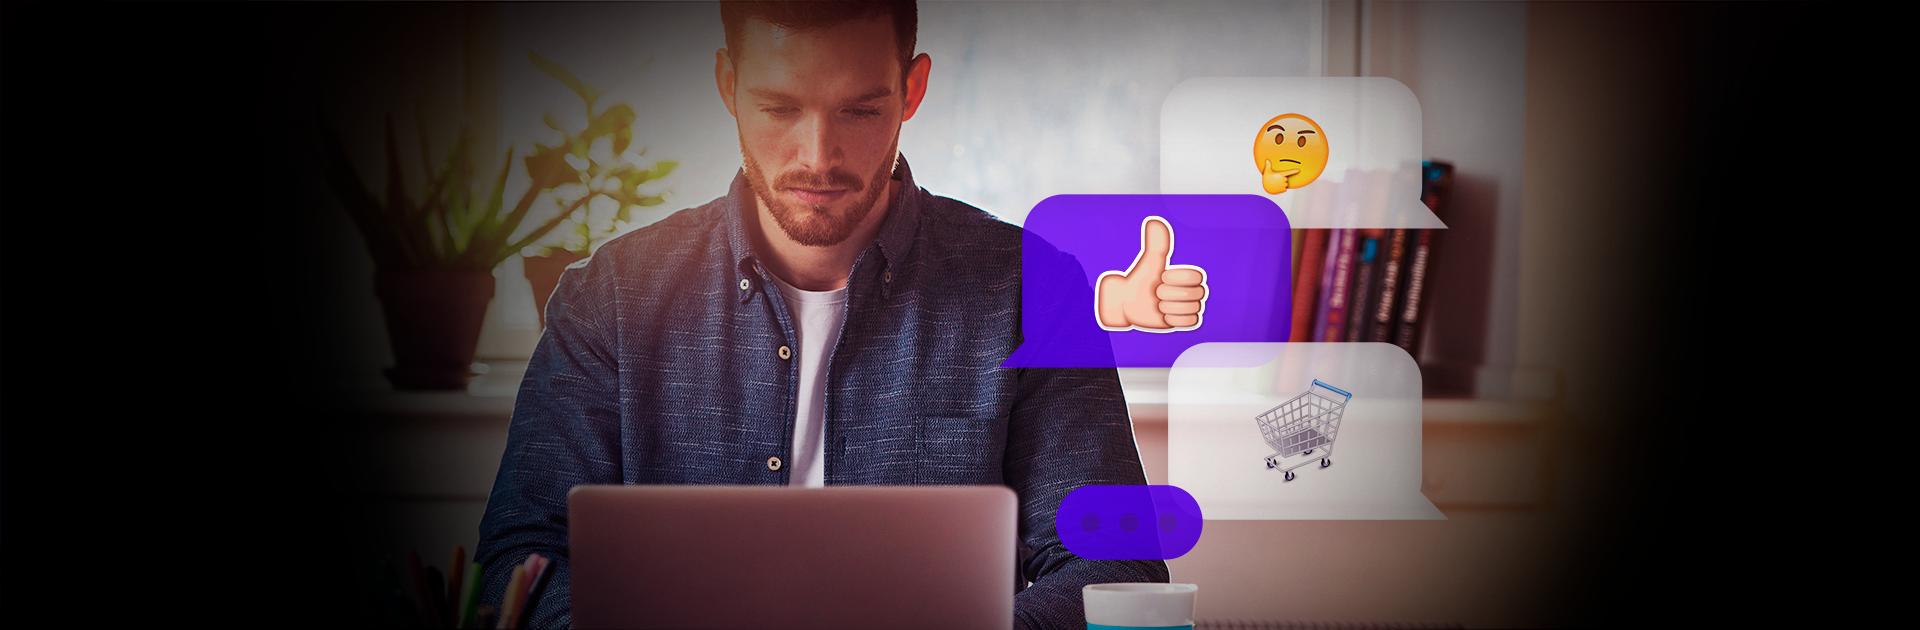 Como integrar um sistema de chat online ao seu processo de vendas